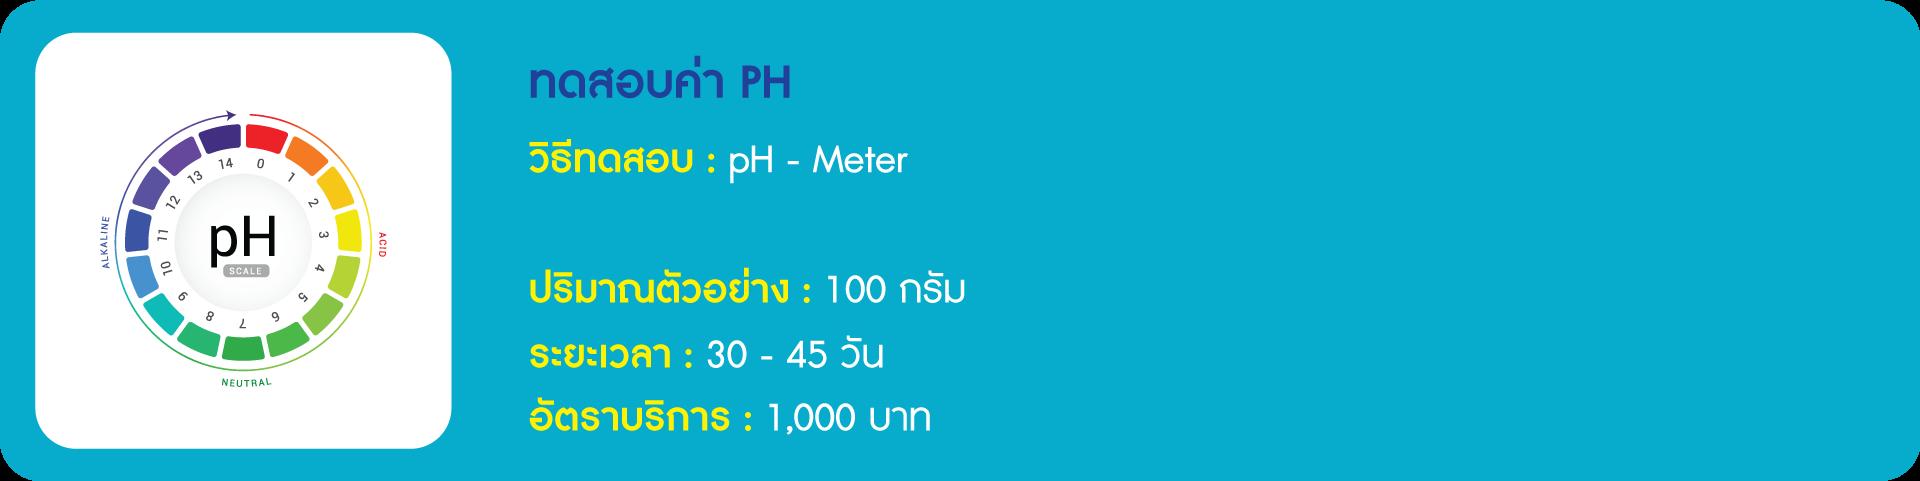 ทดสอบค่า PH